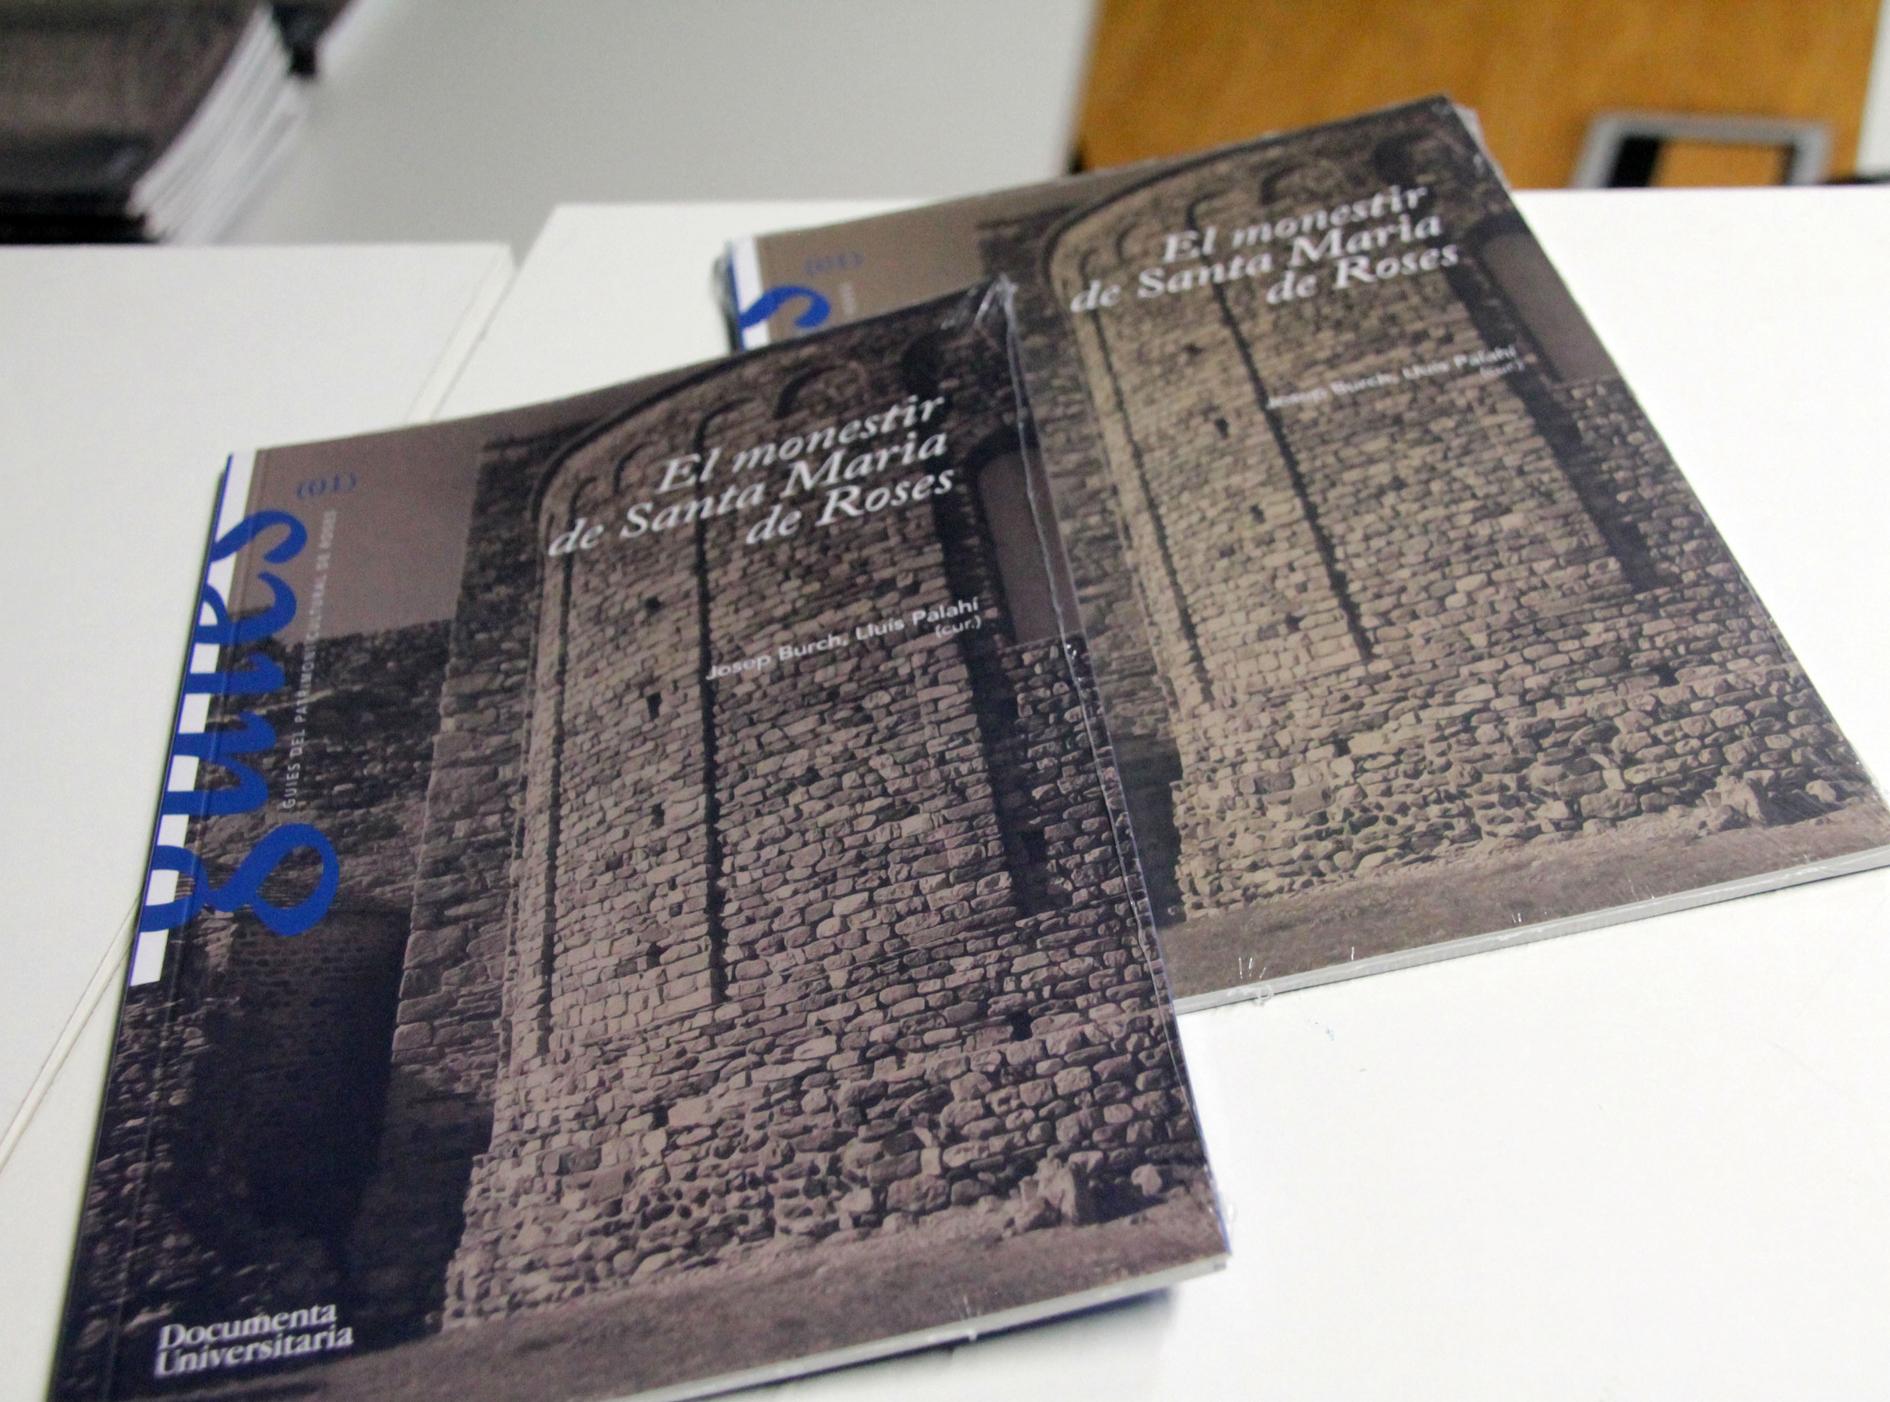 La Càtedra Roses crea tres publicacions per difondre la recerca arqueològica medieval i moderna